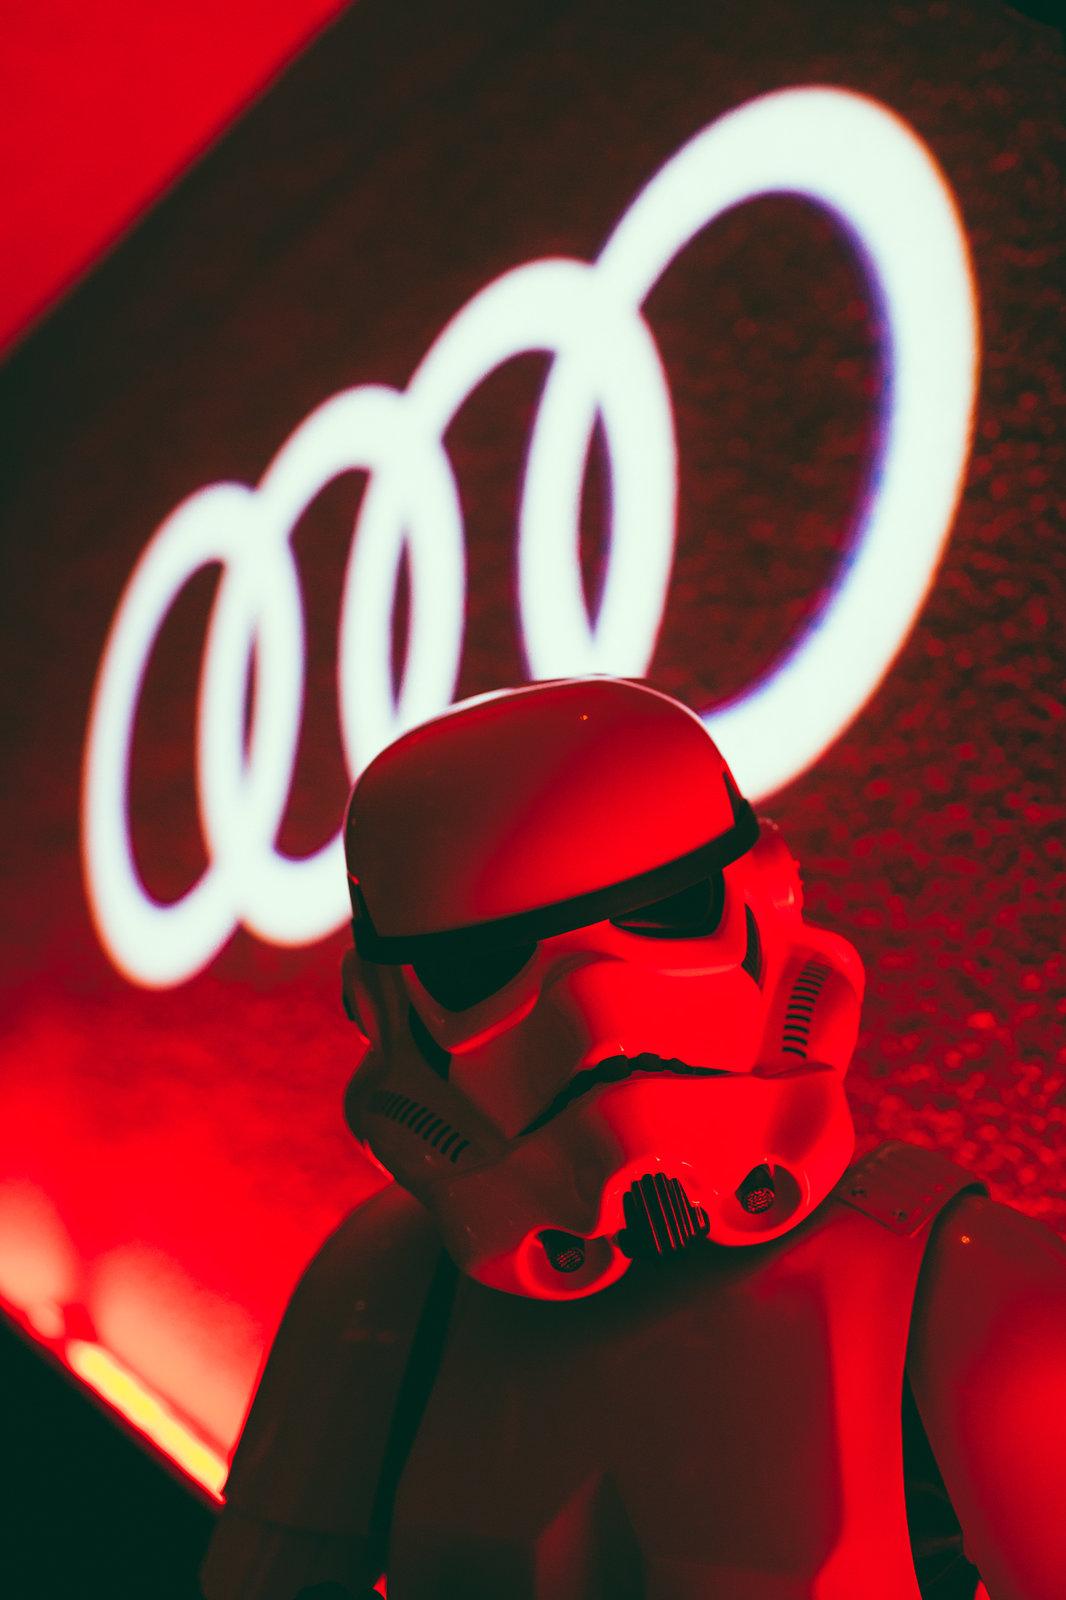 Audi / Bafta